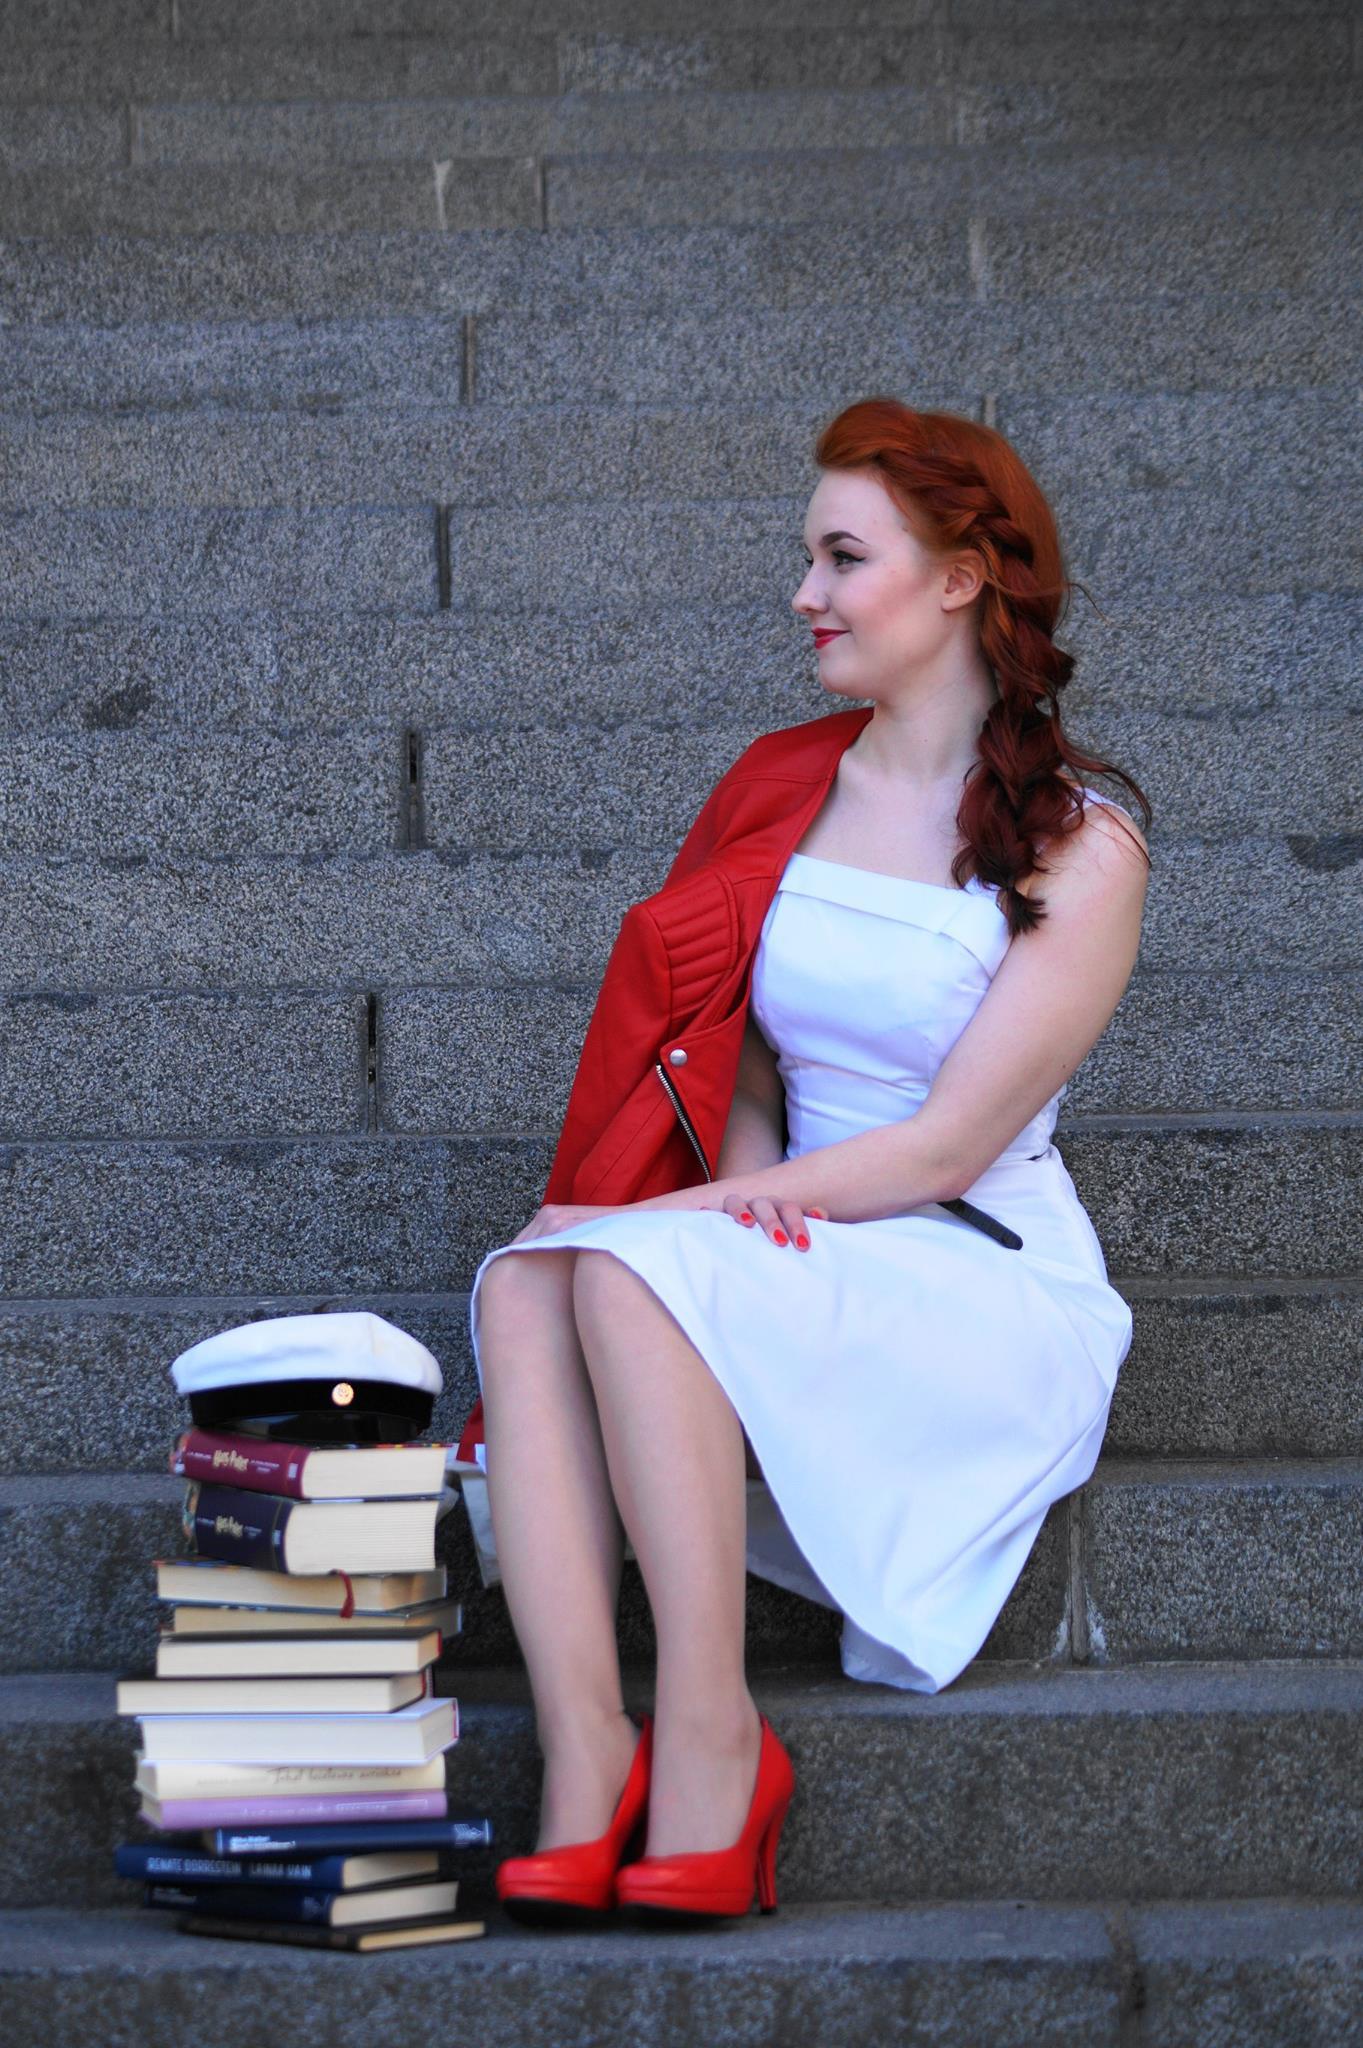 Lähettiläs-Marian ylioppilaskuva, kuvassa nainen, kirjoja ja valkolakki.